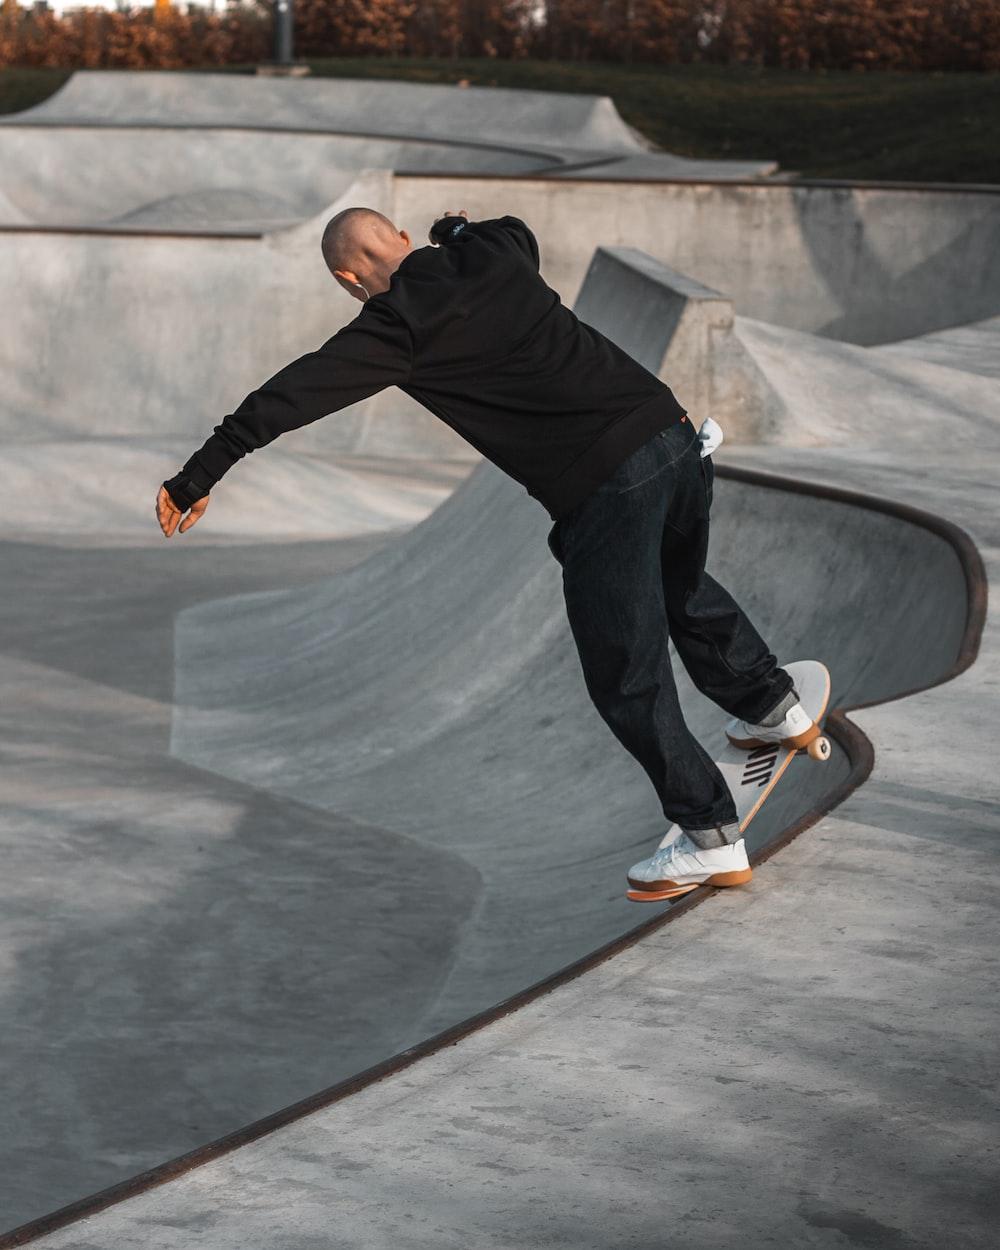 skating man on ramp